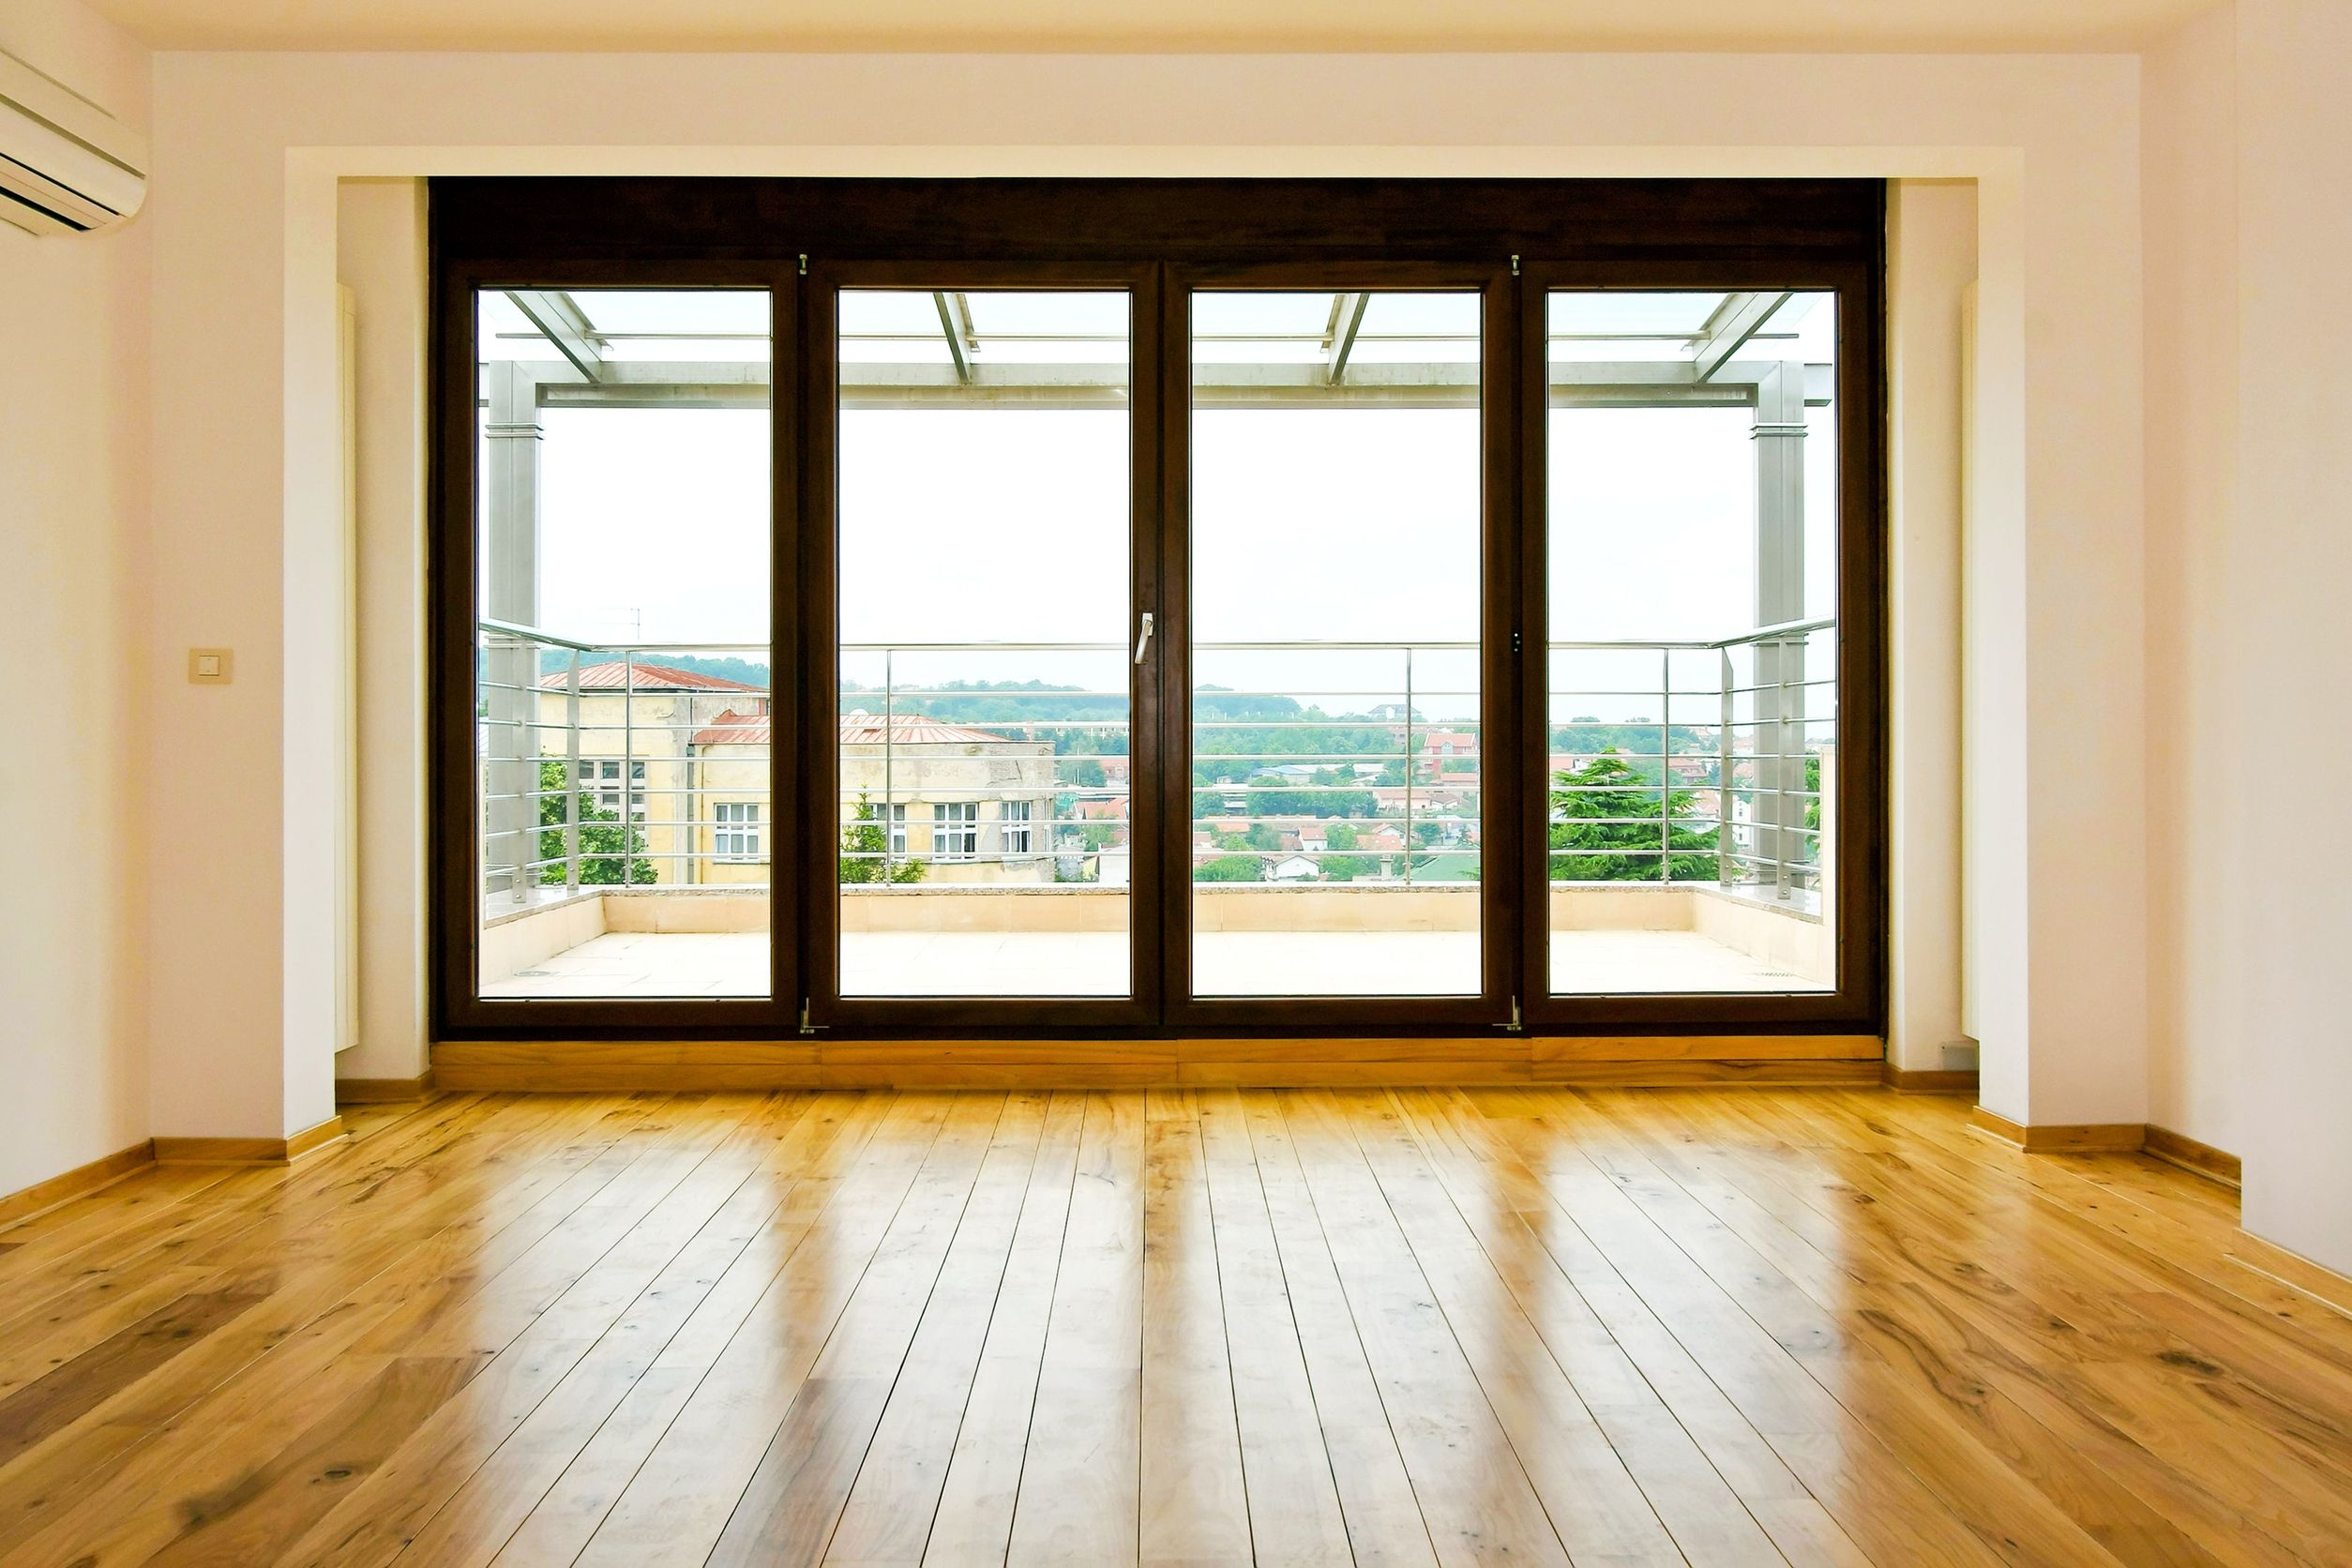 Балконная дверь панорамного вида пластиковая.